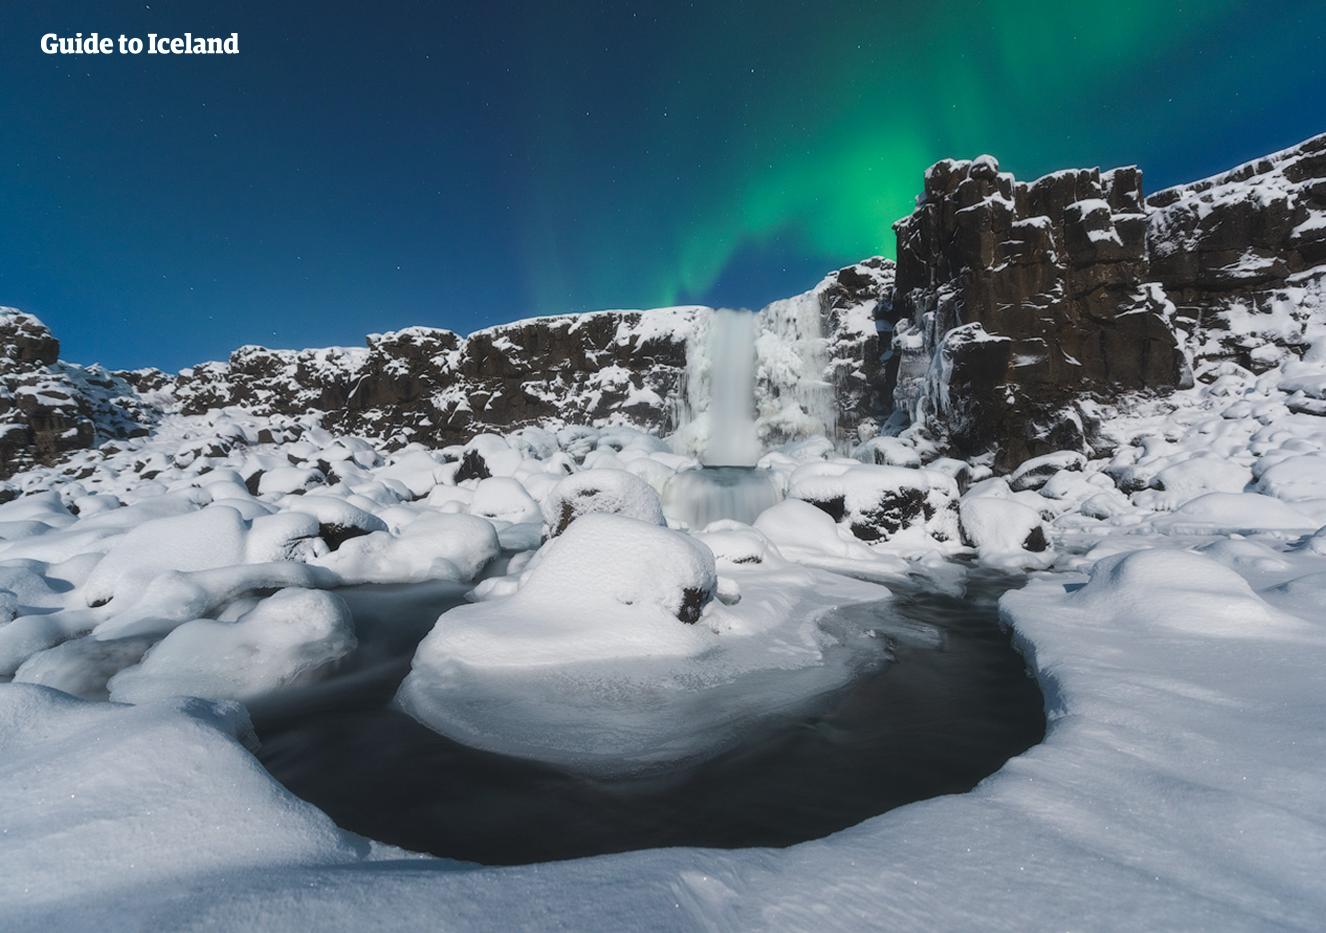 눈 덮인 씽벨리르 국립공원을 방문한 오로라의 아름다운 물결!